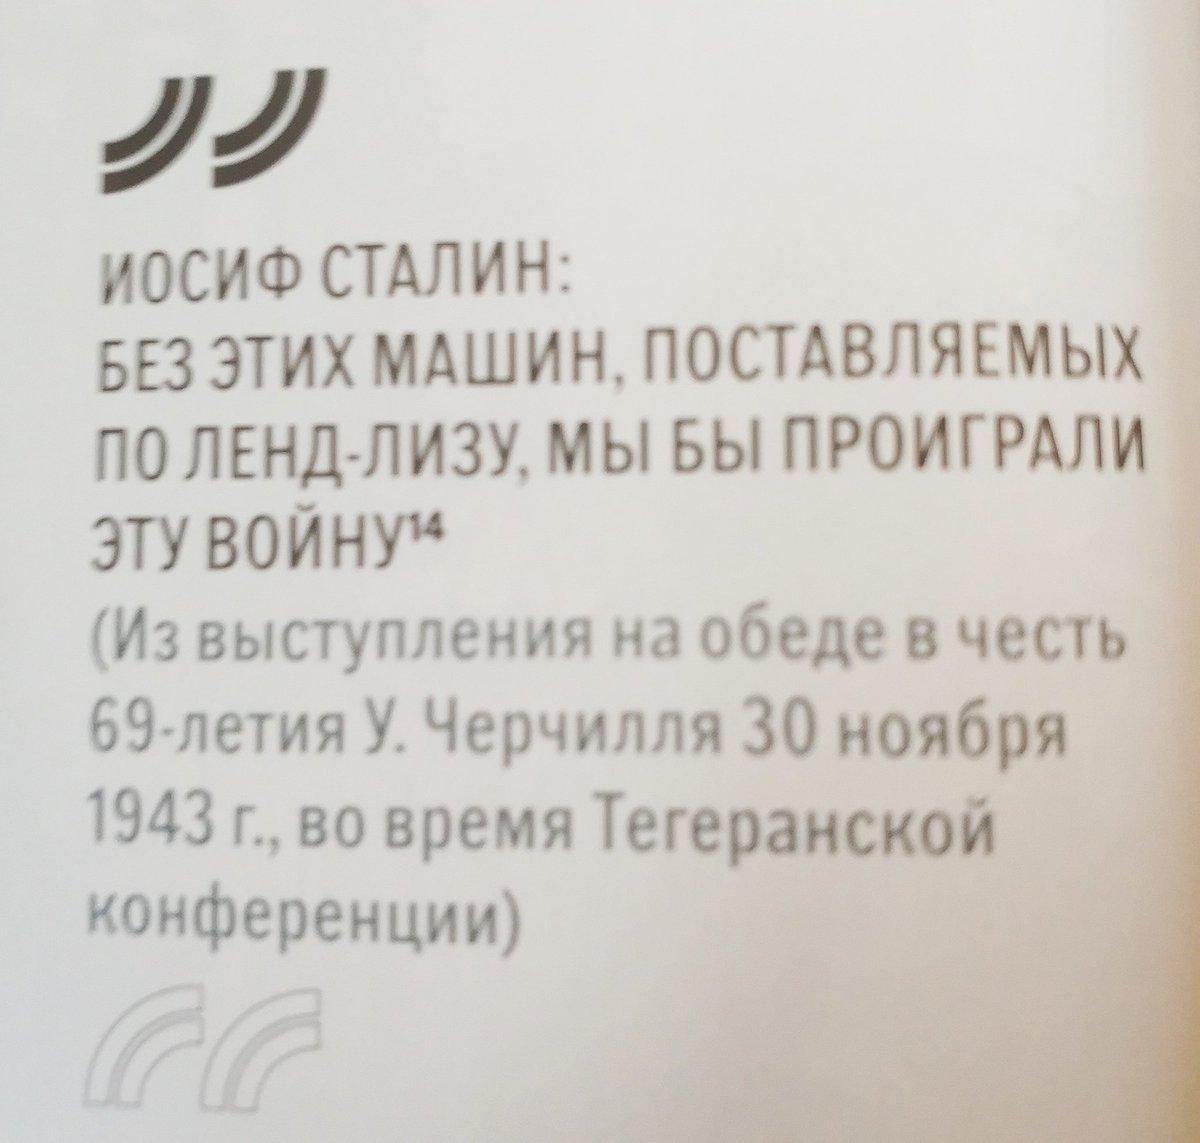 """Корни многих мифов о """"геноциде"""" поляков украинцами запускались через """"специфических людей"""", связанных со спецслужбами, - Вятрович - Цензор.НЕТ 1026"""